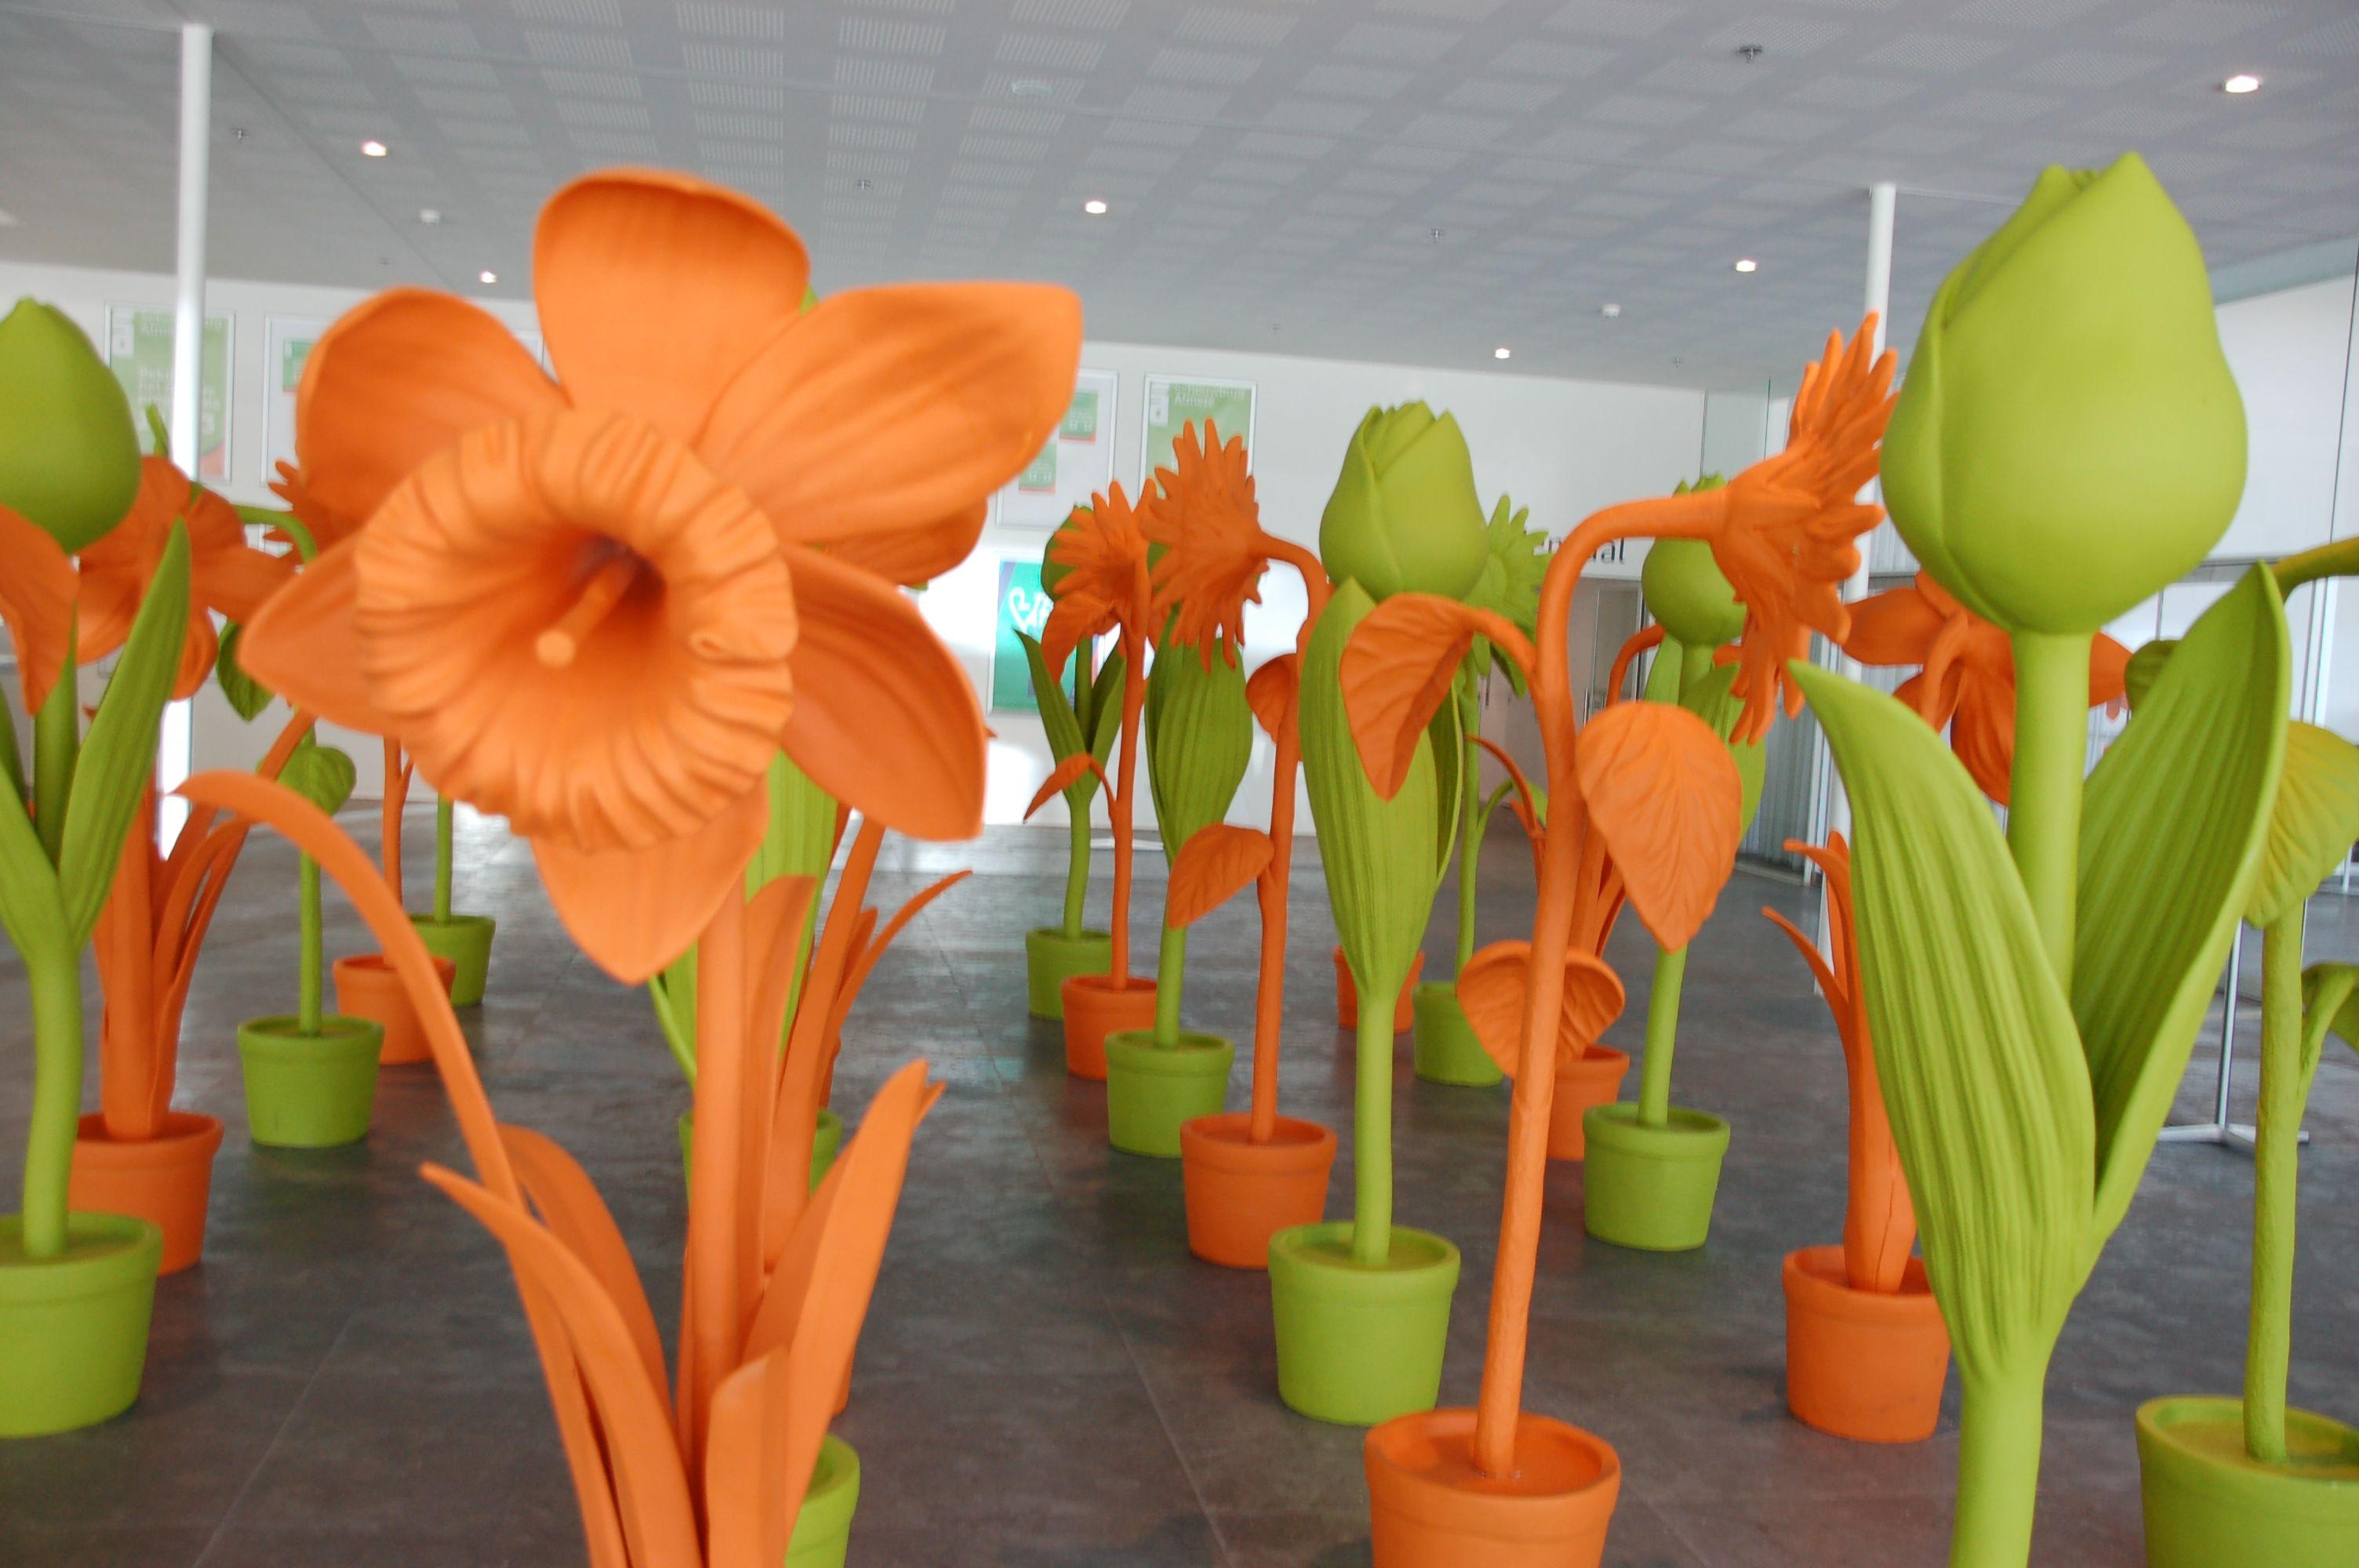 Blumen sind groß in Flevoland - auch im Foyer des Rathauses. (Bild: Ralf Johnen)